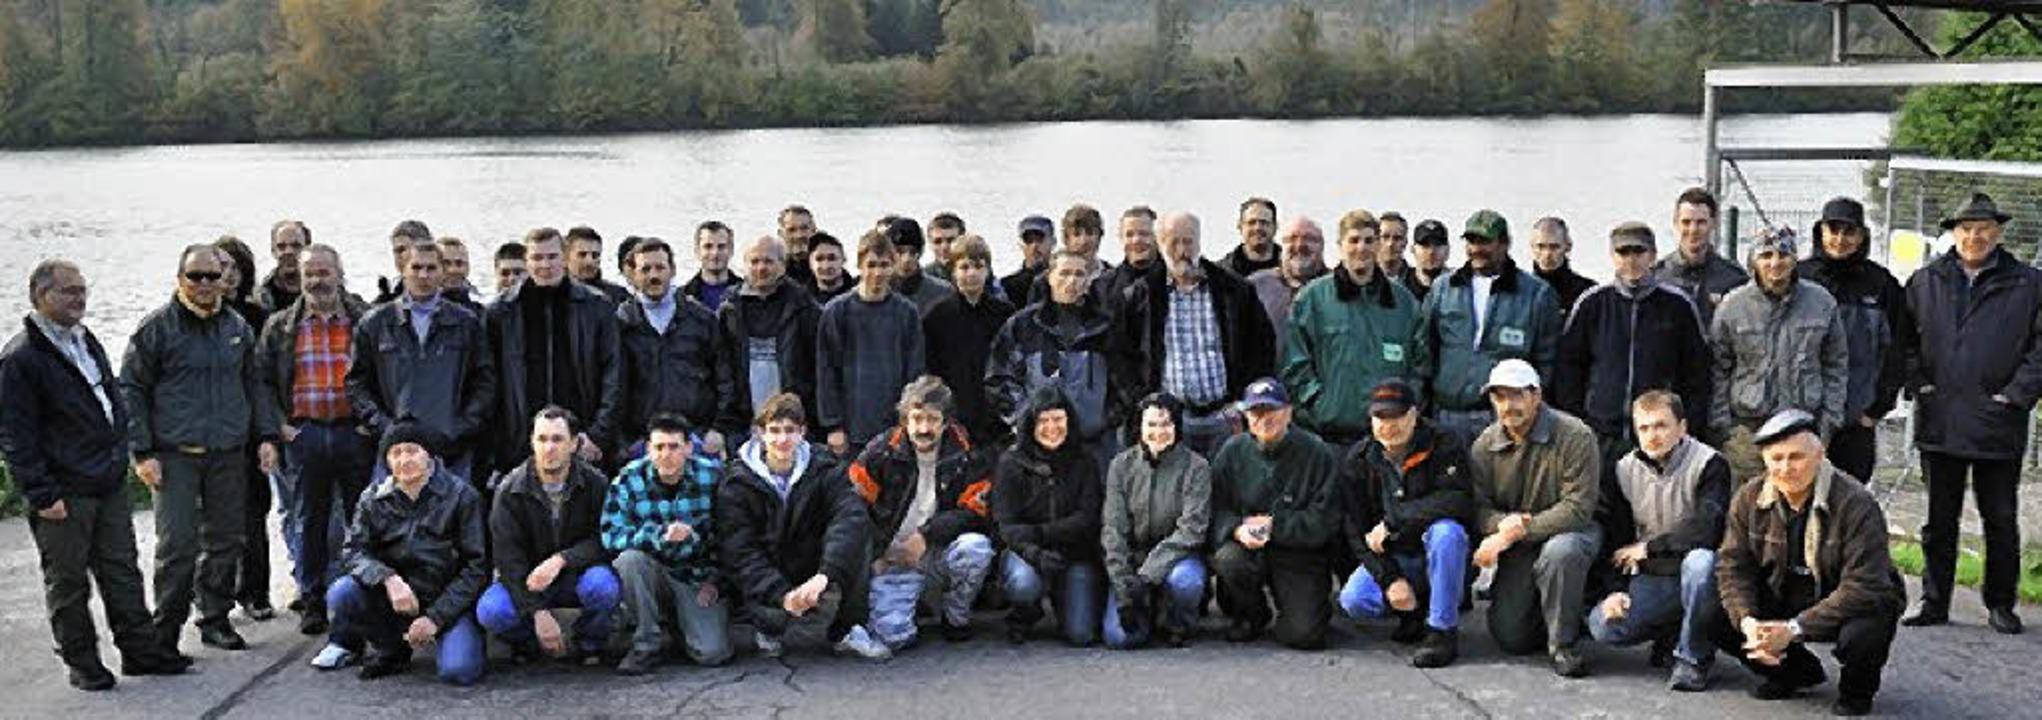 Teilnehmer des Anglerpraxistages  | Foto: Lustig